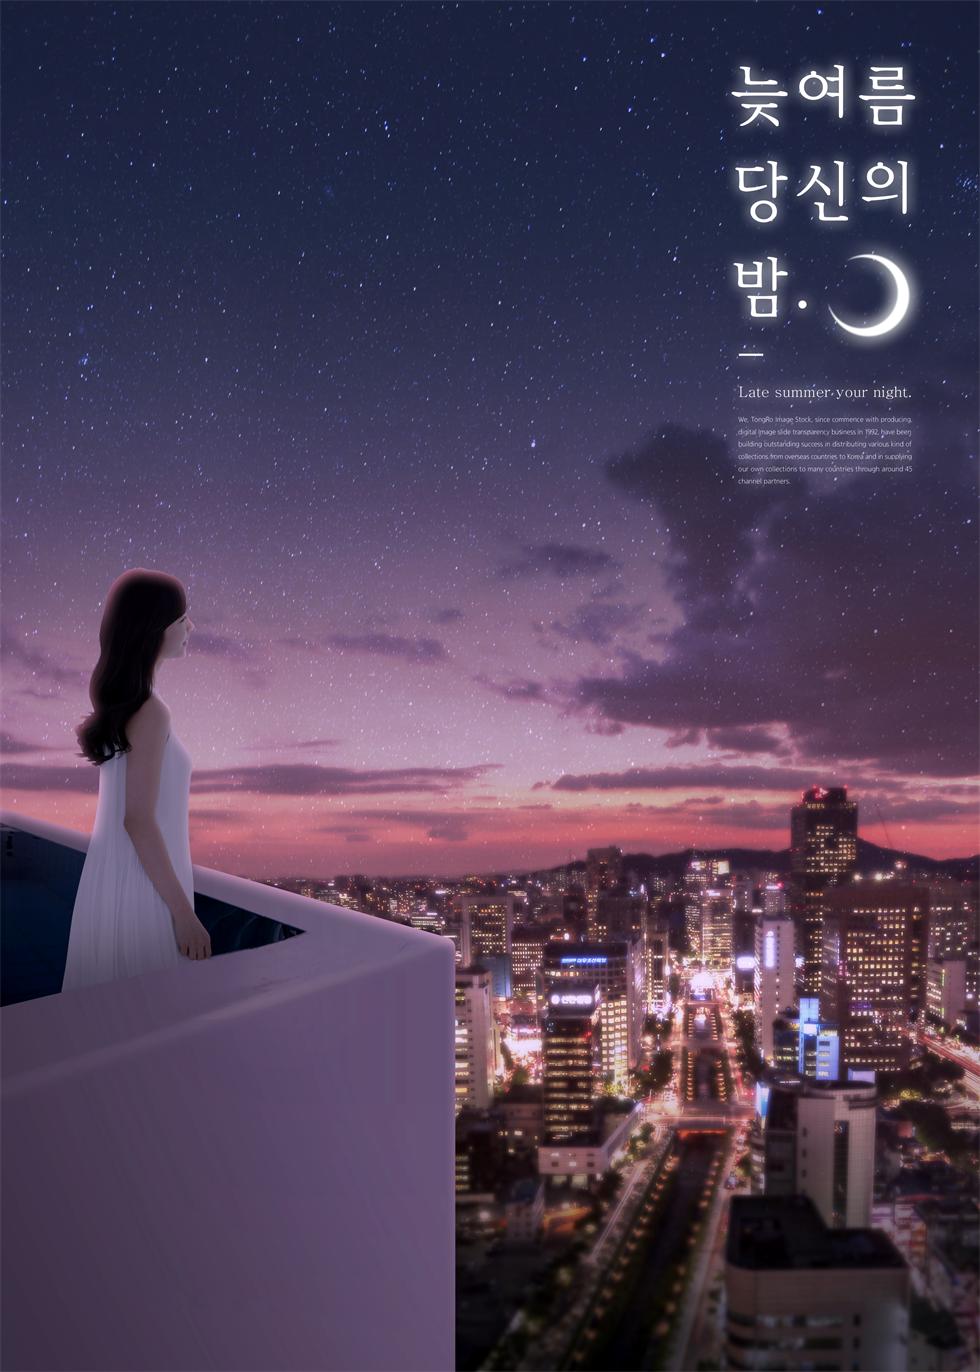 创意版式夕阳无限好海报设计